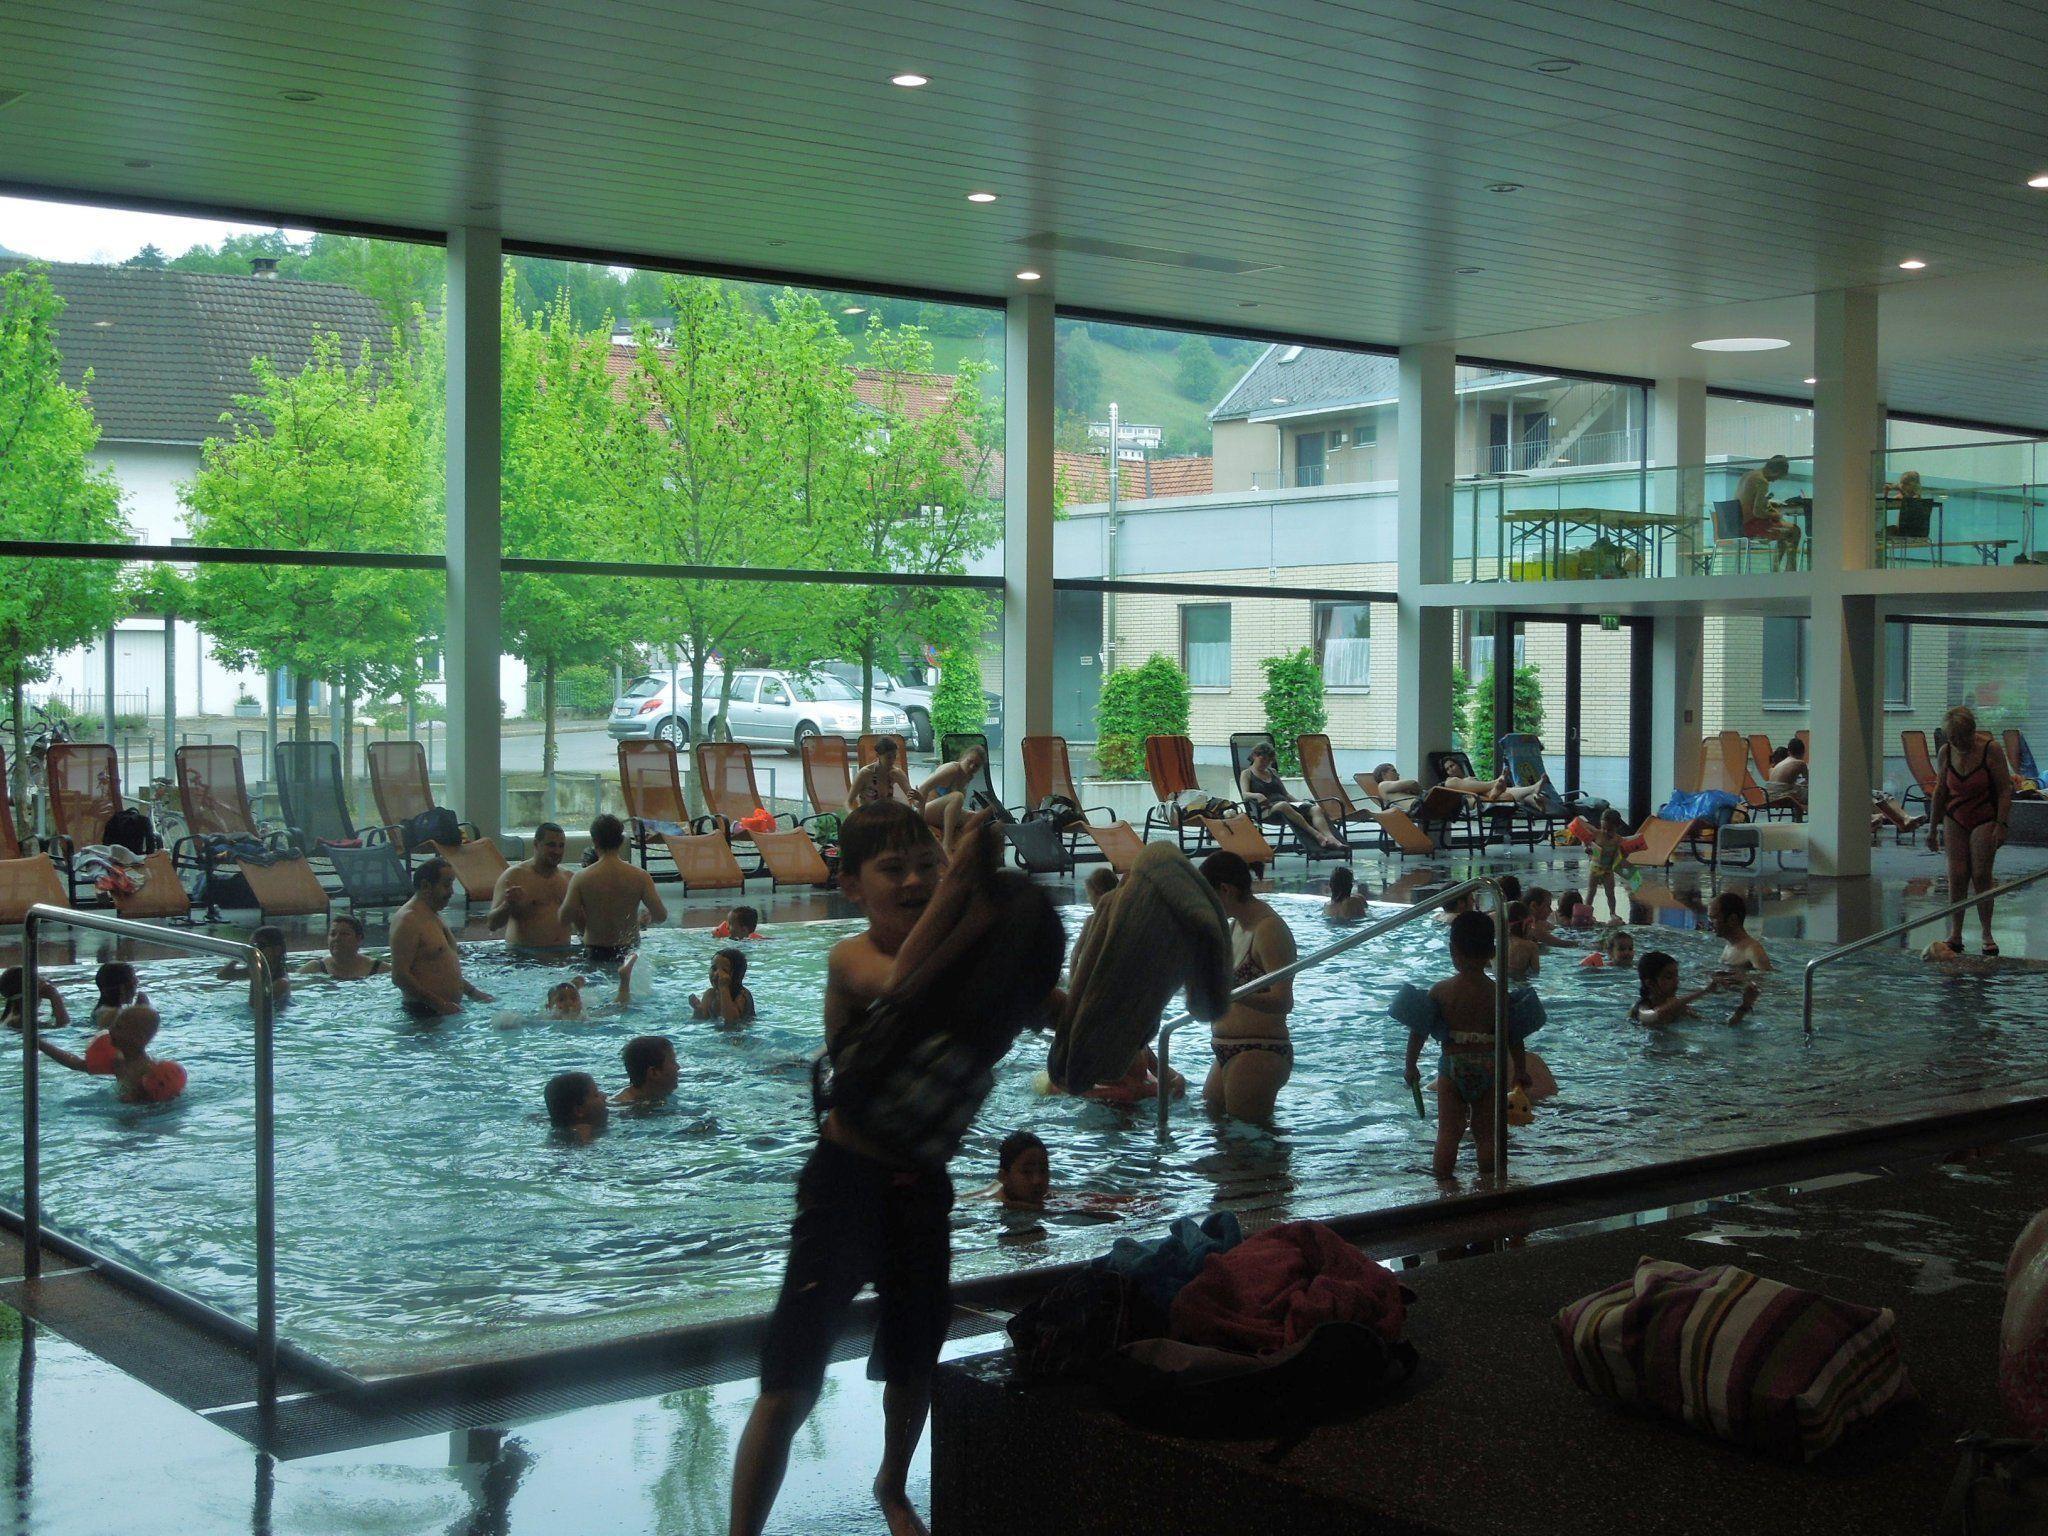 Vor allem die Raumtemperatur soll dafür verantwortlich sein, dass das Wasser im stadtbad als zu kalt empfunden wird.